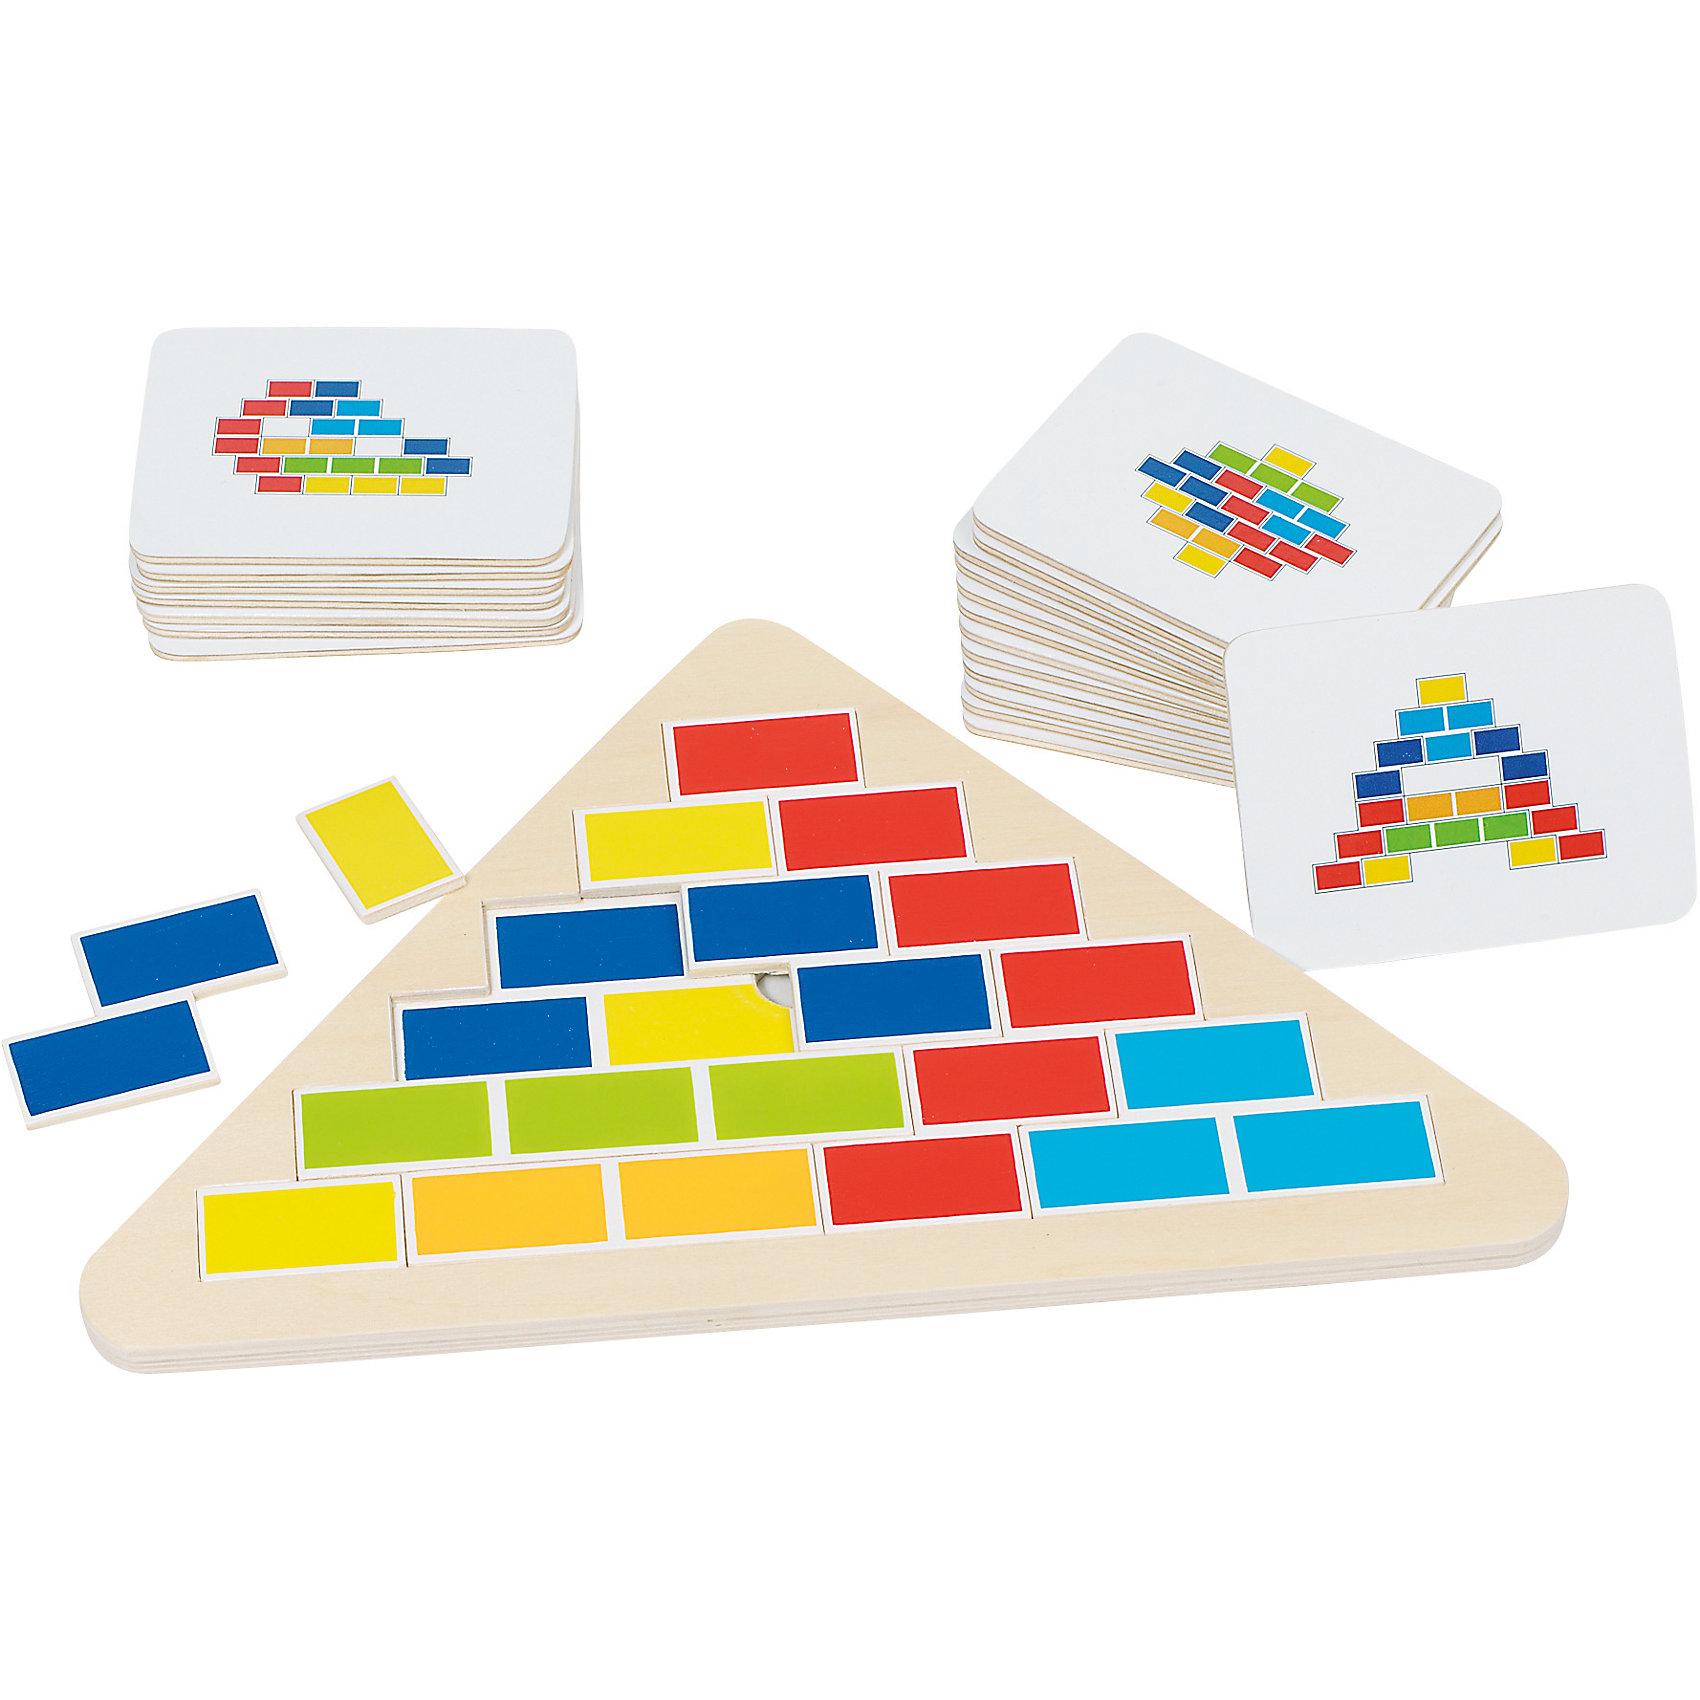 Игра Кирпичики (карточки с заданиями), gokiГоловоломки<br>Эта увлекательная игра прекрасно тренирует пространственное воображение и мышление.Сегментная головоломка состоит из одной треугольной рамки с десятью сегментами- элементами и 20 карточек с изображением на обеих сторонах. Можно собирать по собственному узору, как мозаику, а можно - по прилагающимся карточкам с заданиями.<br><br>Дополнительная информация:<br><br>- Материал: дерево.<br>- Размер рамки: 25,5х16 см.<br>- Комплектация: 10 сегментом, 20 карточек.<br><br>Игру Кирпичики (карточки с заданиями), goki (Гоки) можно купить в нашем магазине.<br><br>Ширина мм: 100<br>Глубина мм: 100<br>Высота мм: 100<br>Вес г: 650<br>Возраст от месяцев: 48<br>Возраст до месяцев: 84<br>Пол: Унисекс<br>Возраст: Детский<br>SKU: 4214244